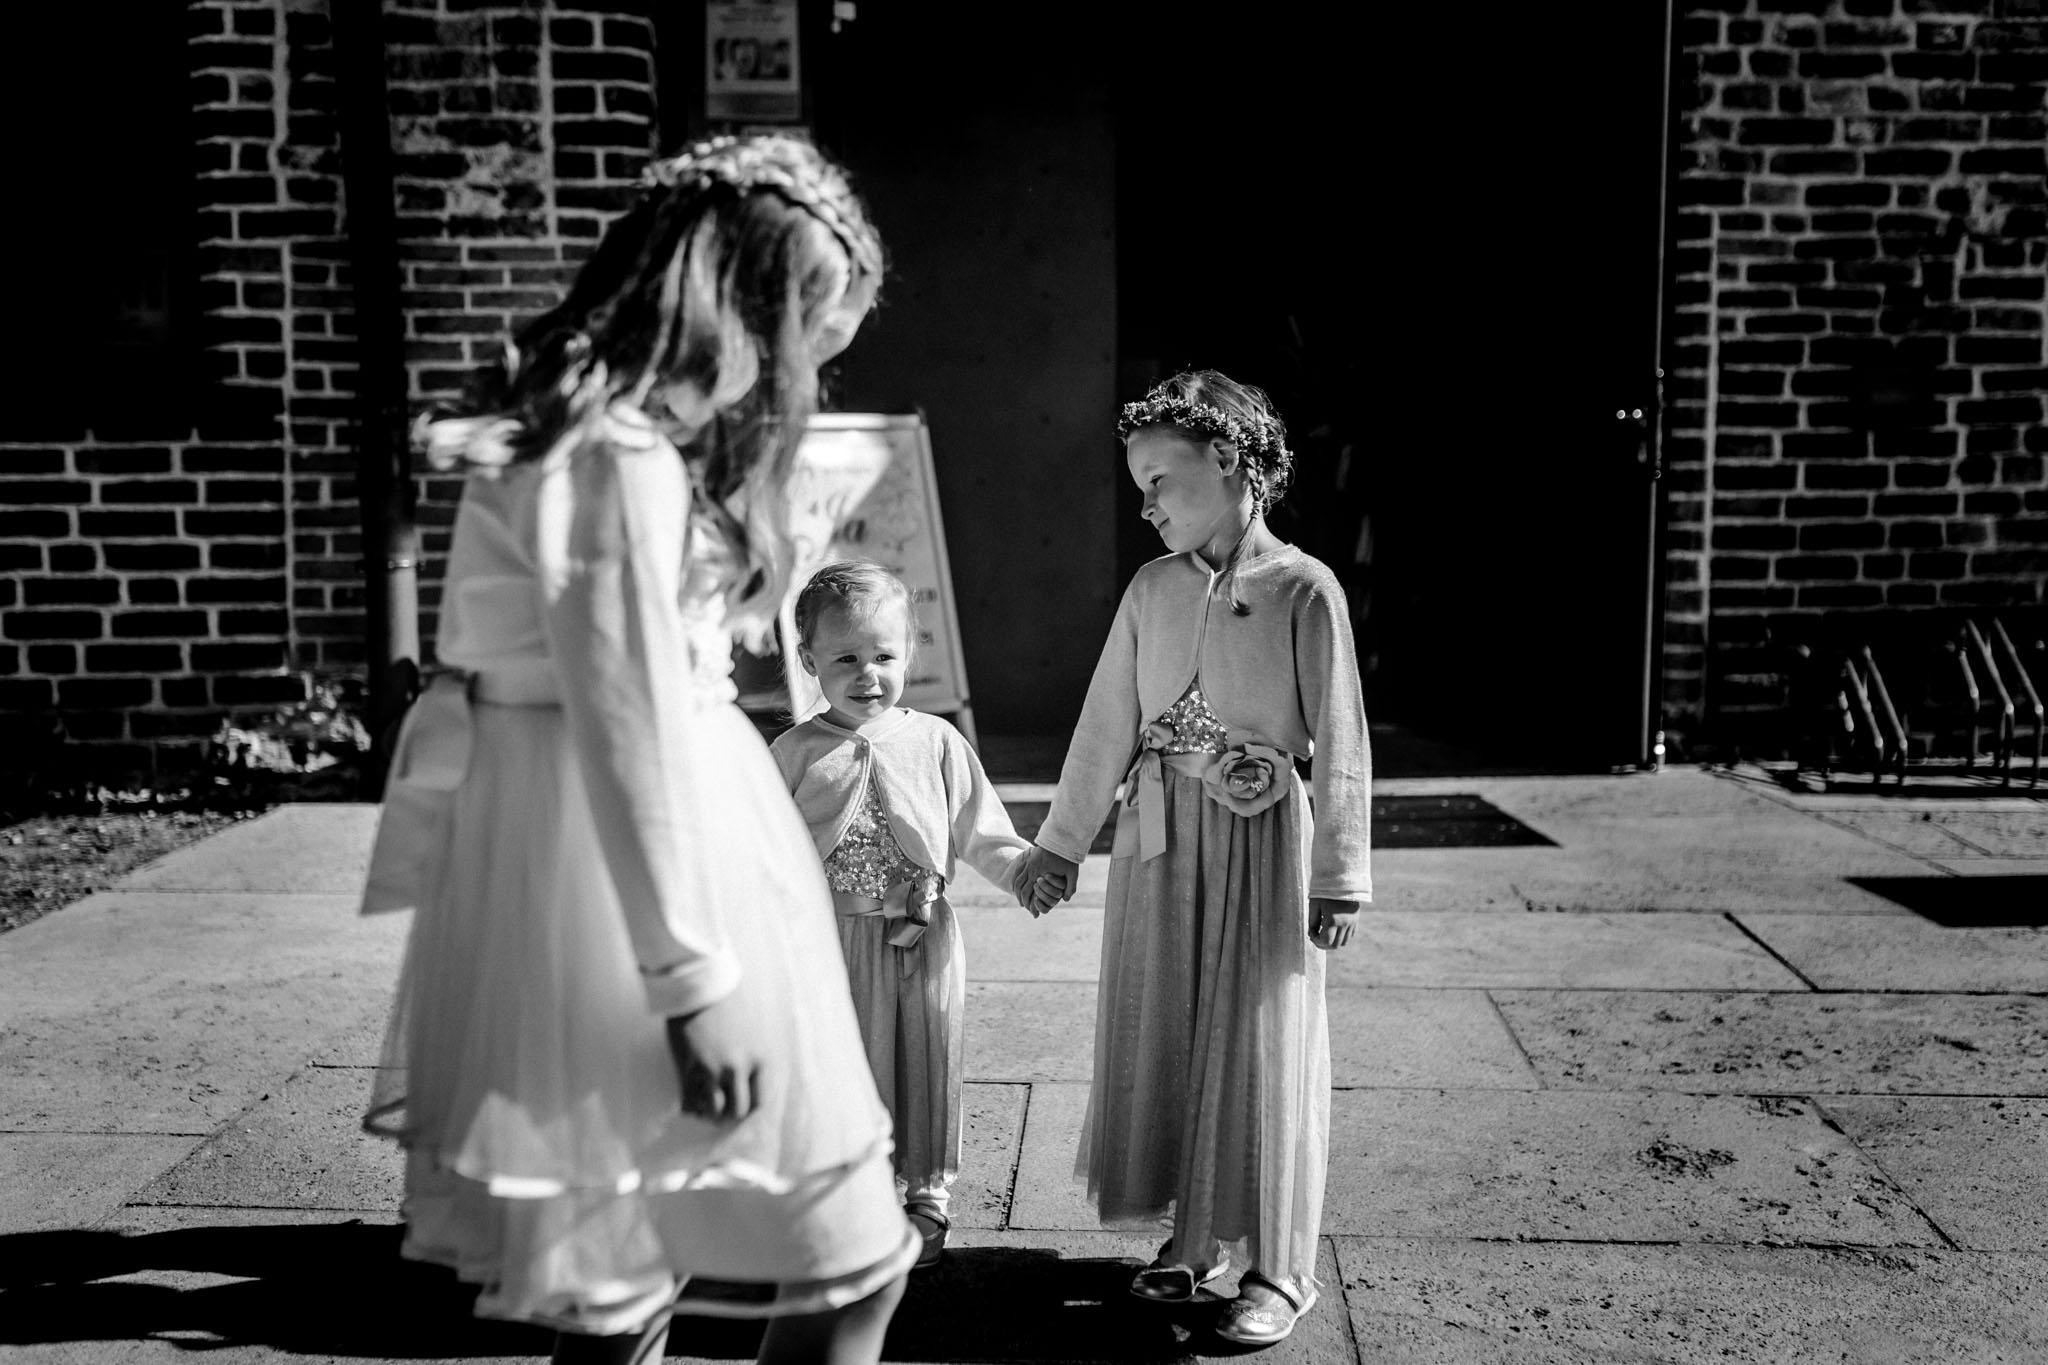 Hochzeitsfieber by Photo-Schomburg, Hochzeitsfotograf, Hamburg,Hochzeitstag, Hochzeitspaar, Braut, Bräutigam, Literaturhauscafe Zarrentin-7